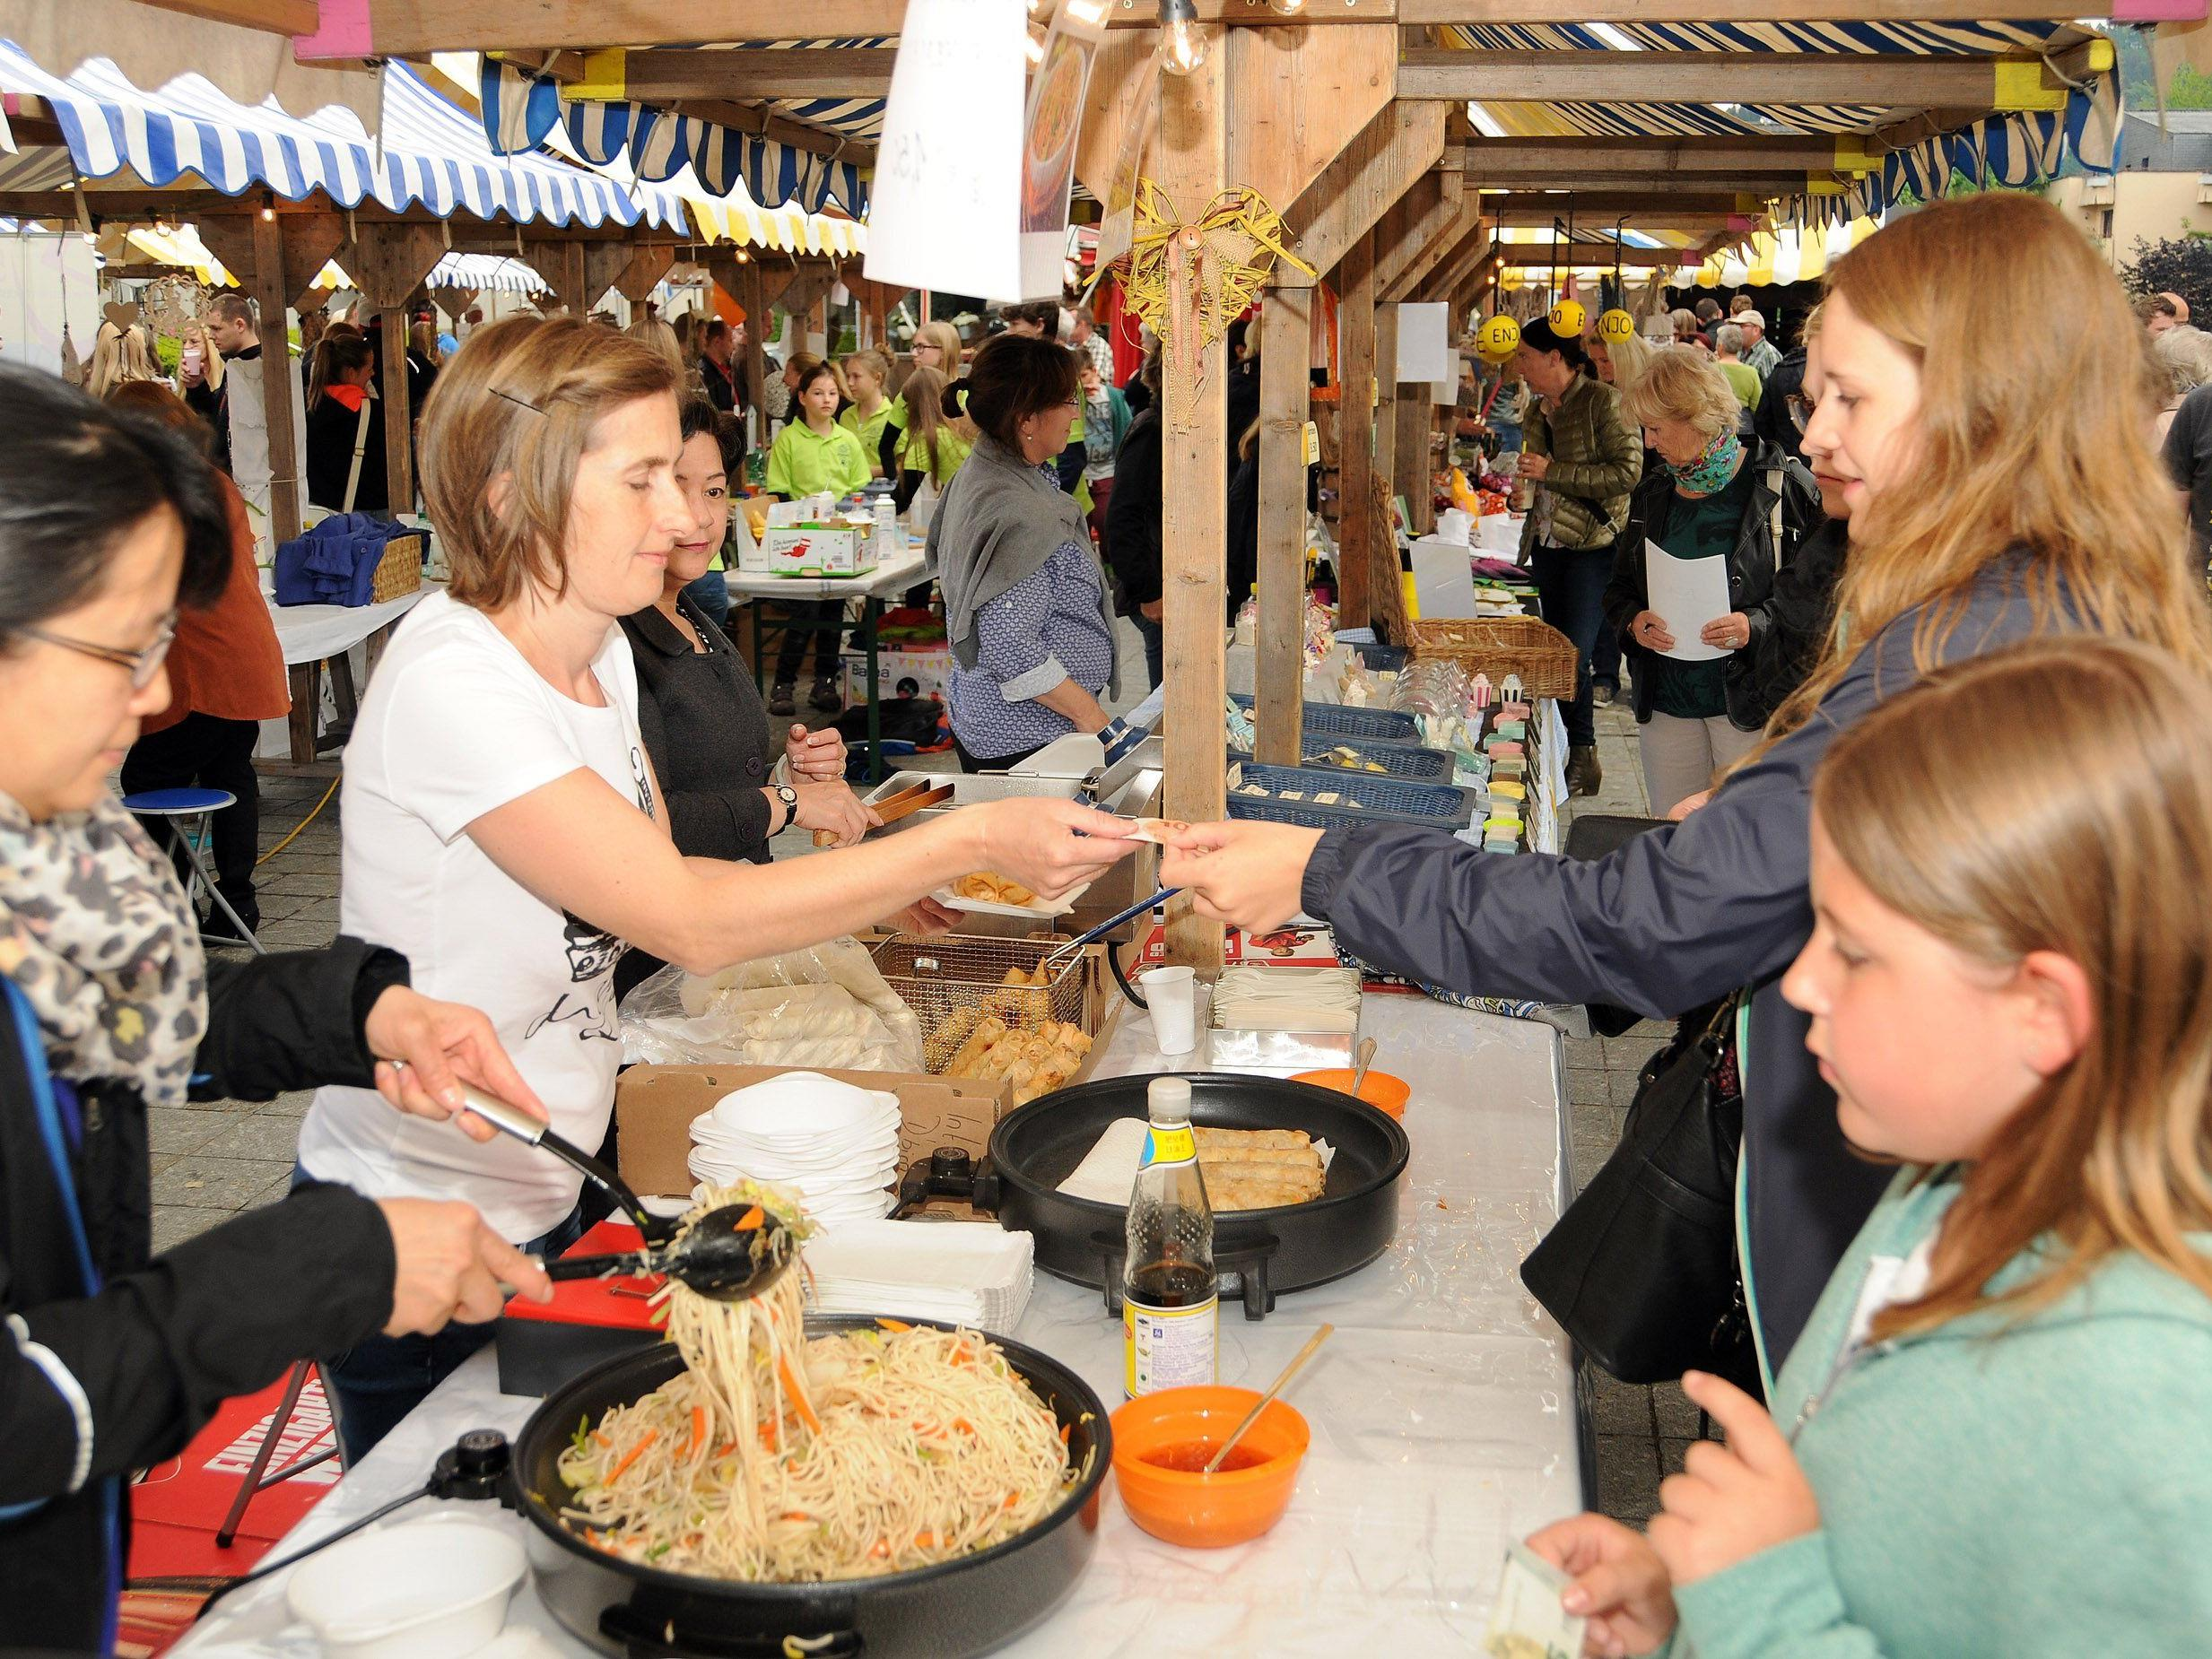 Gebratene Nudeln, Frühlingsrollen und Tee werden beim Abendmarkt ebenfalls angeboten.